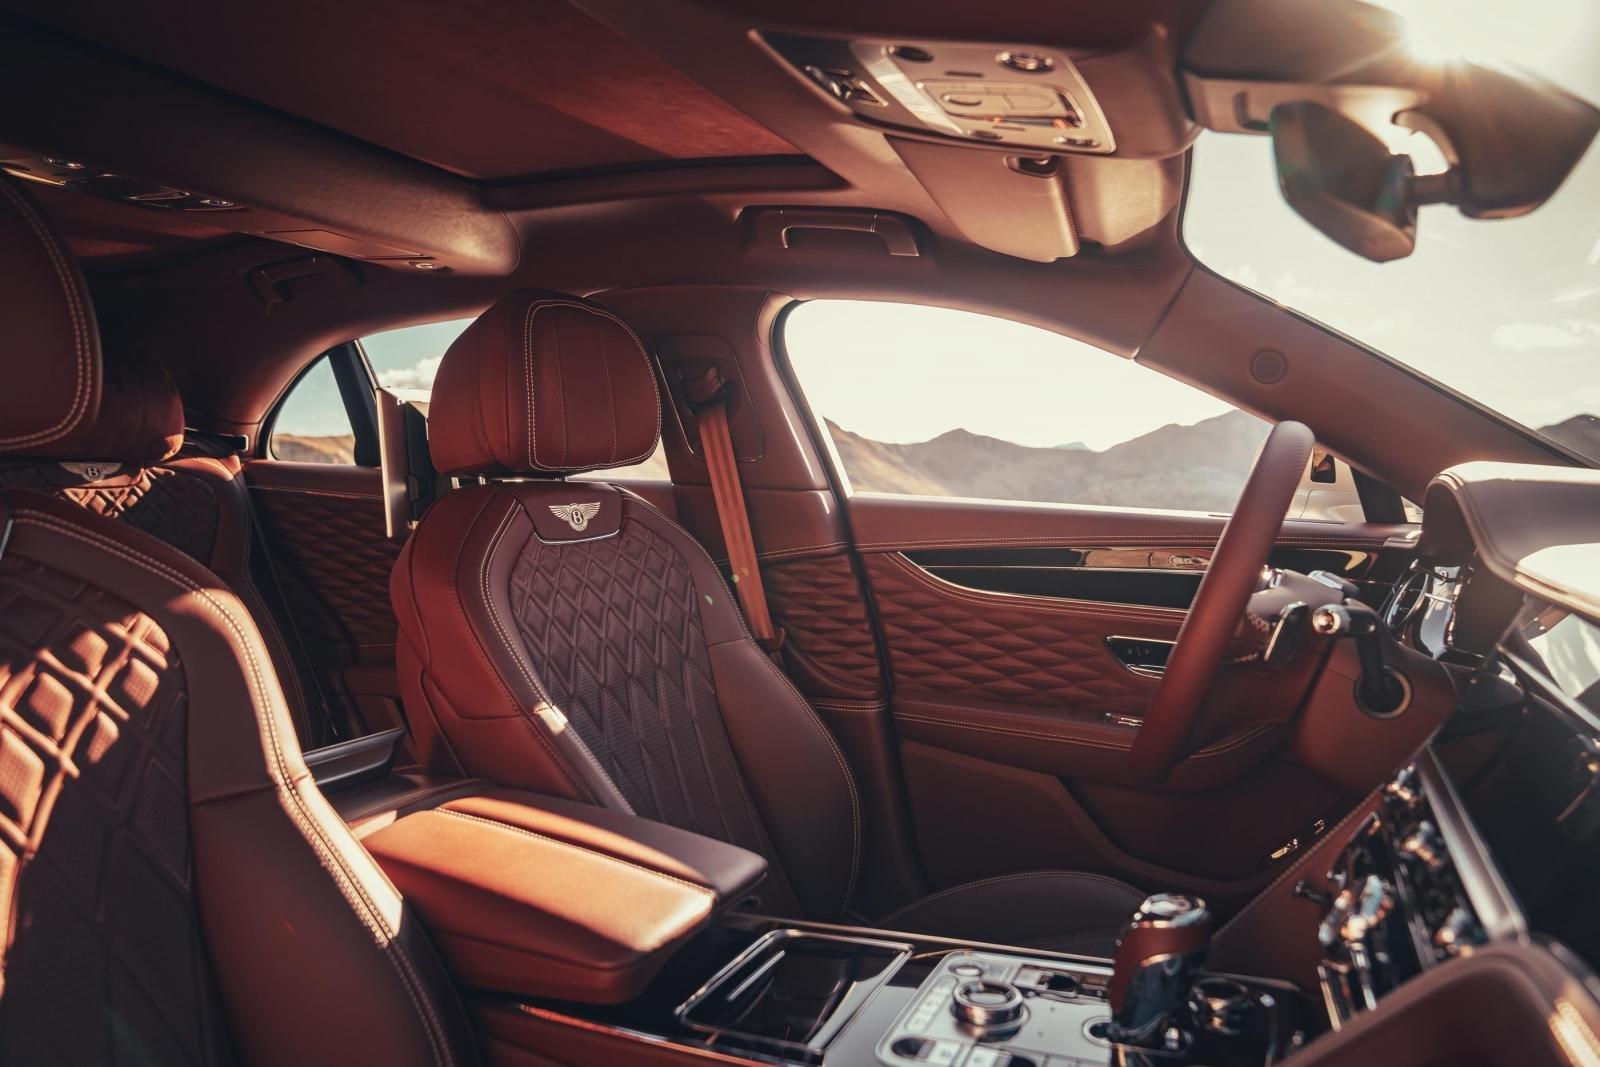 Bentley Flying Spur chú trọng chau chuốt mang đến trải nghiệm người dùng tuyệt đỉnh.